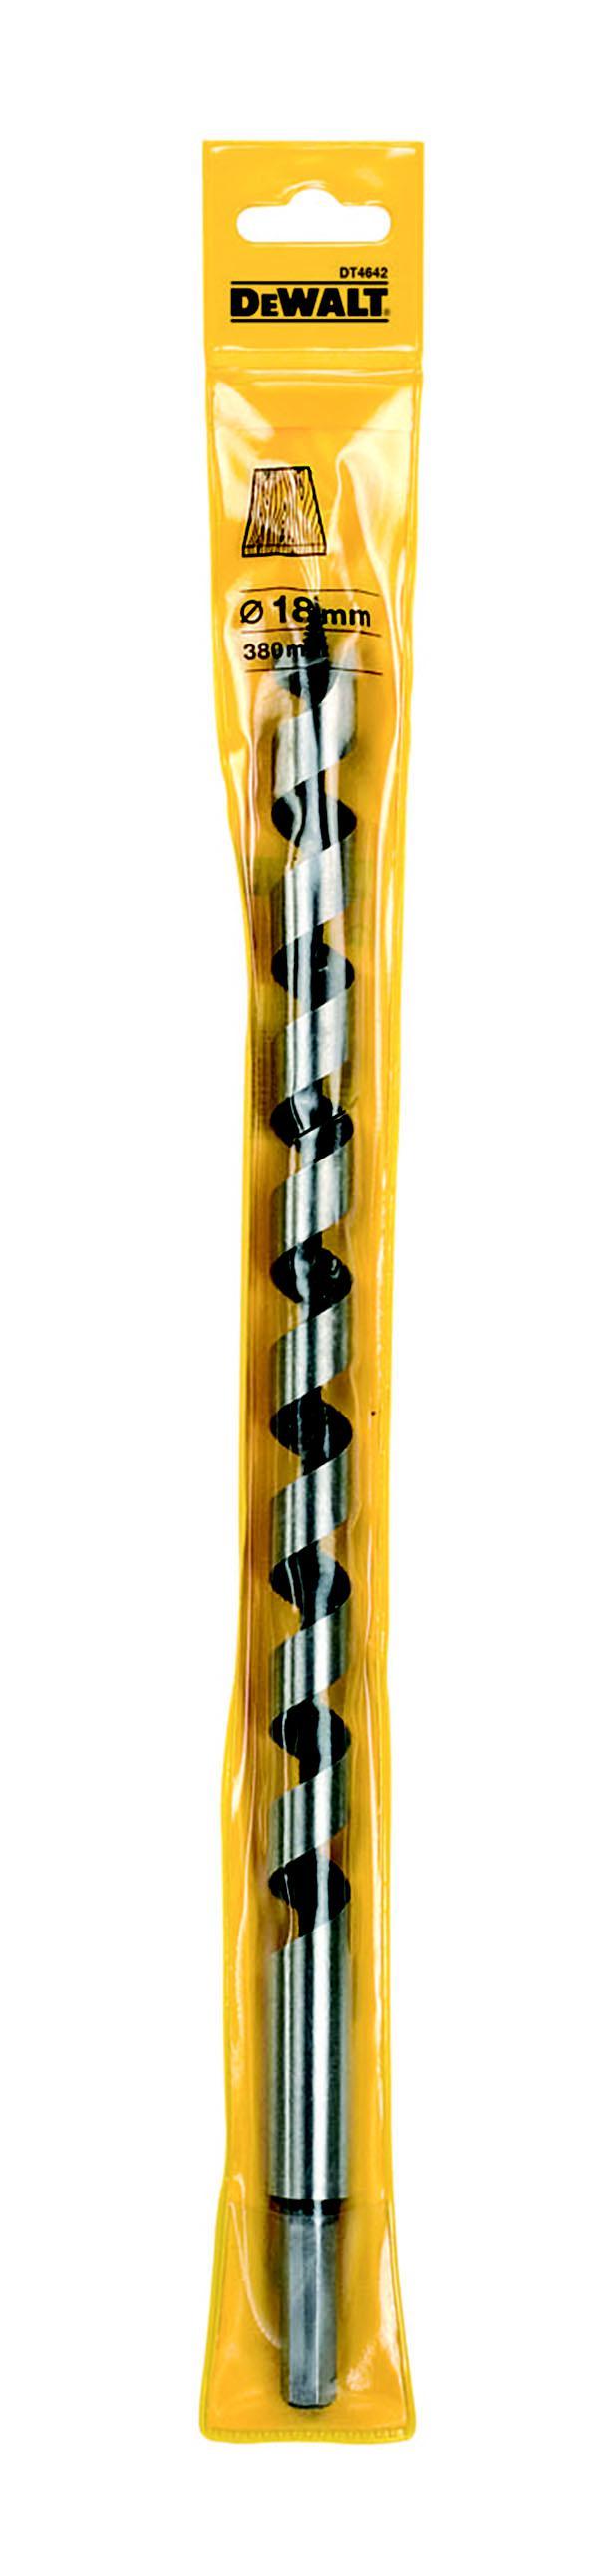 Сверло по дереву Dewalt Dt4642qz сверло по дереву винтовое hammer flex стандарт 24х460 мм